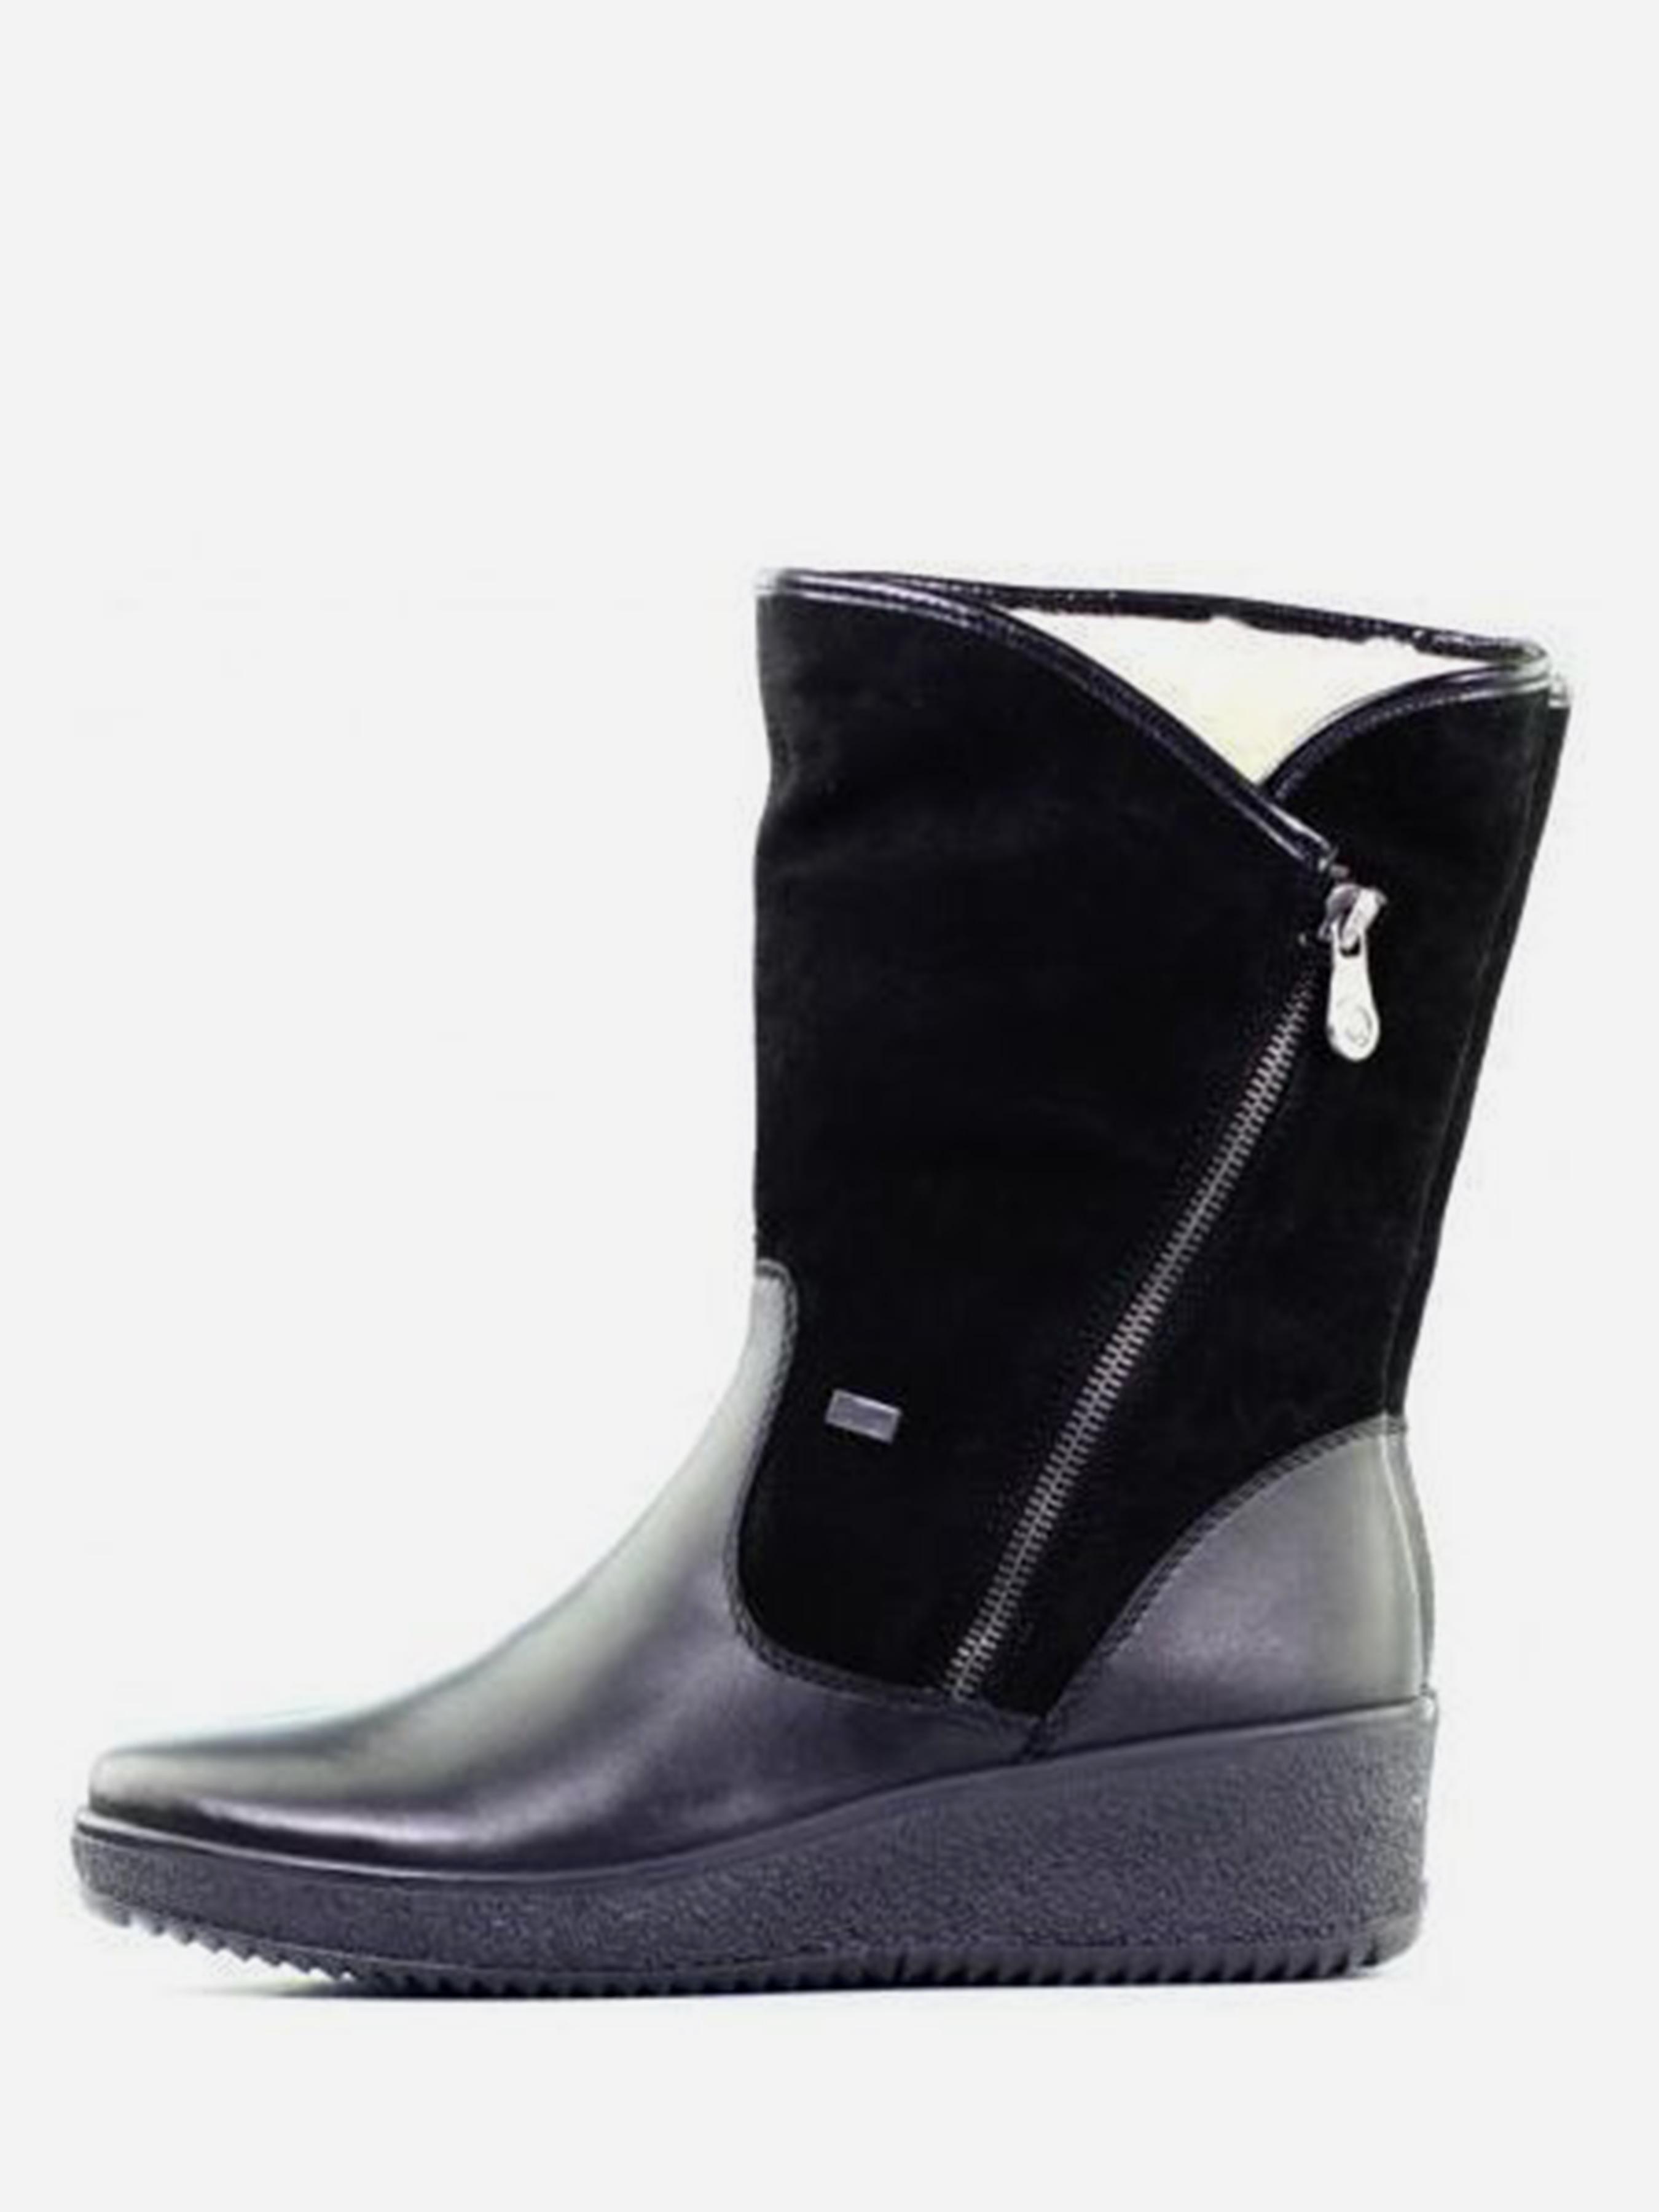 Ботинки для женщин RIEKER RW700 размерная сетка обуви, 2017